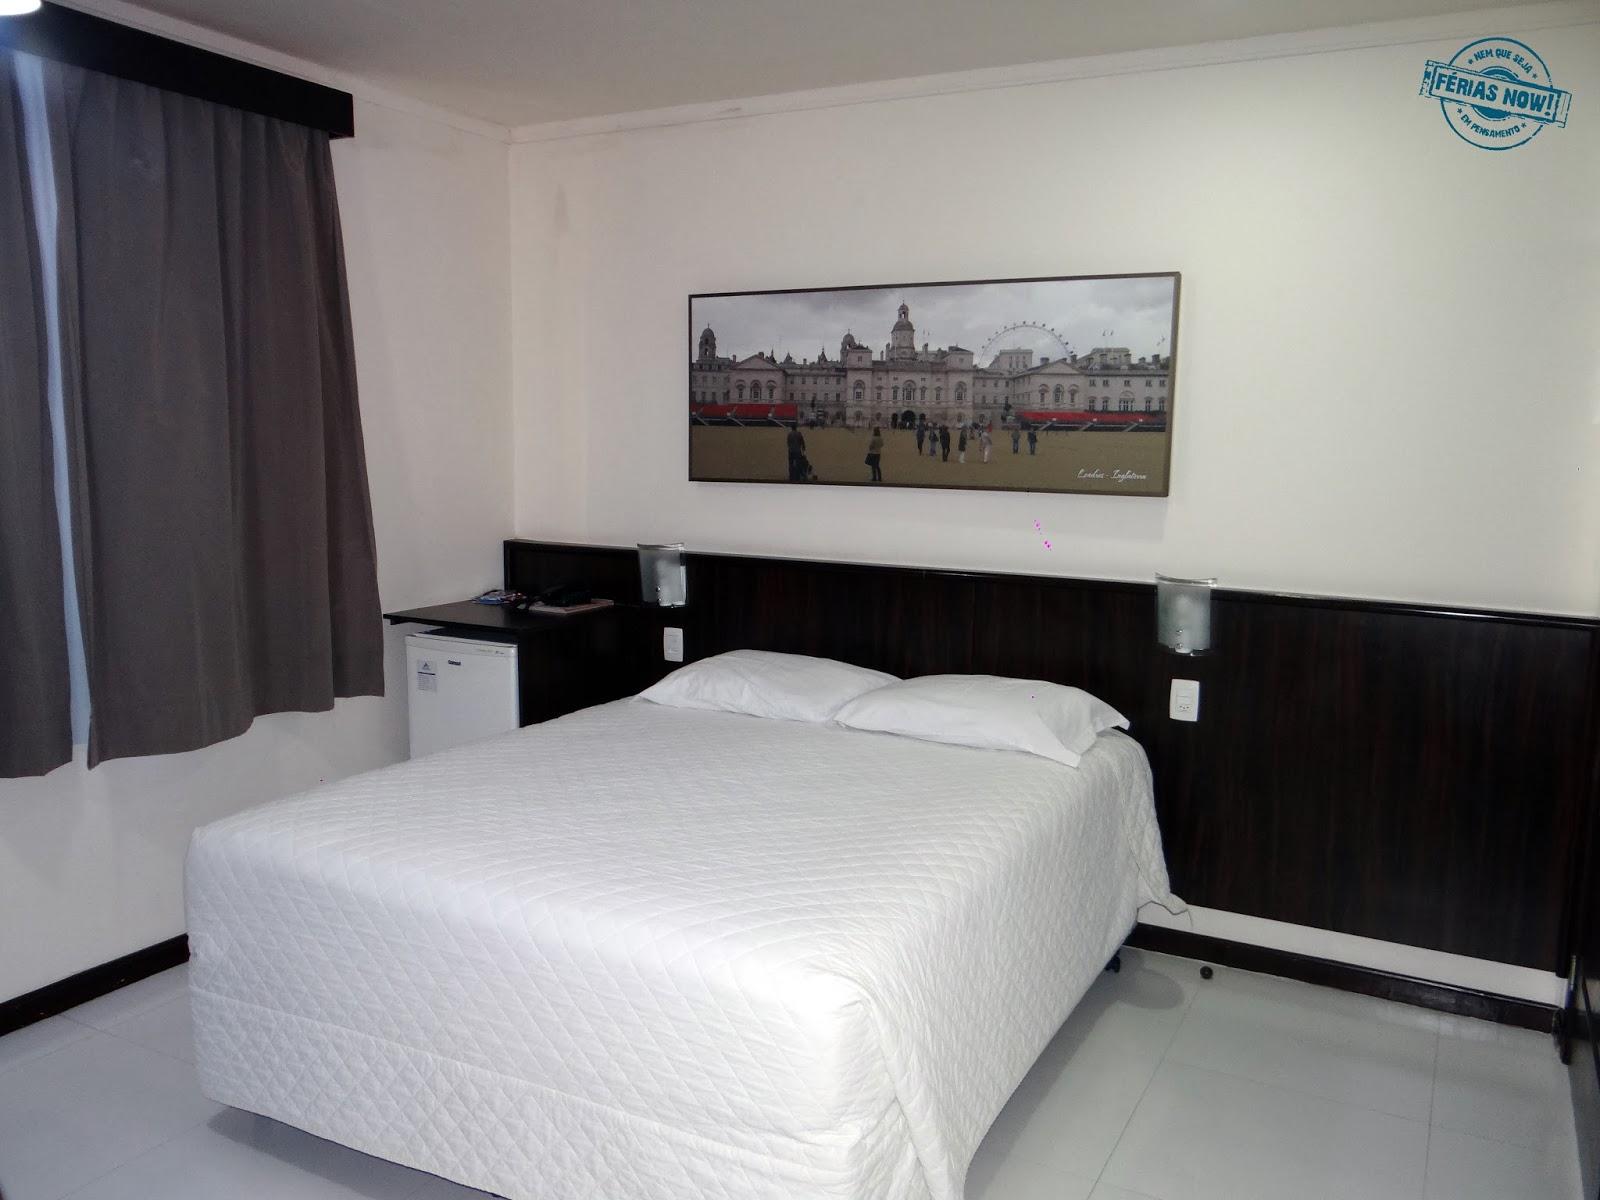 Foz do Iguaçu, Hospedagem, hotel em Foz, Águas do Iguaçu, Loumar Turismo